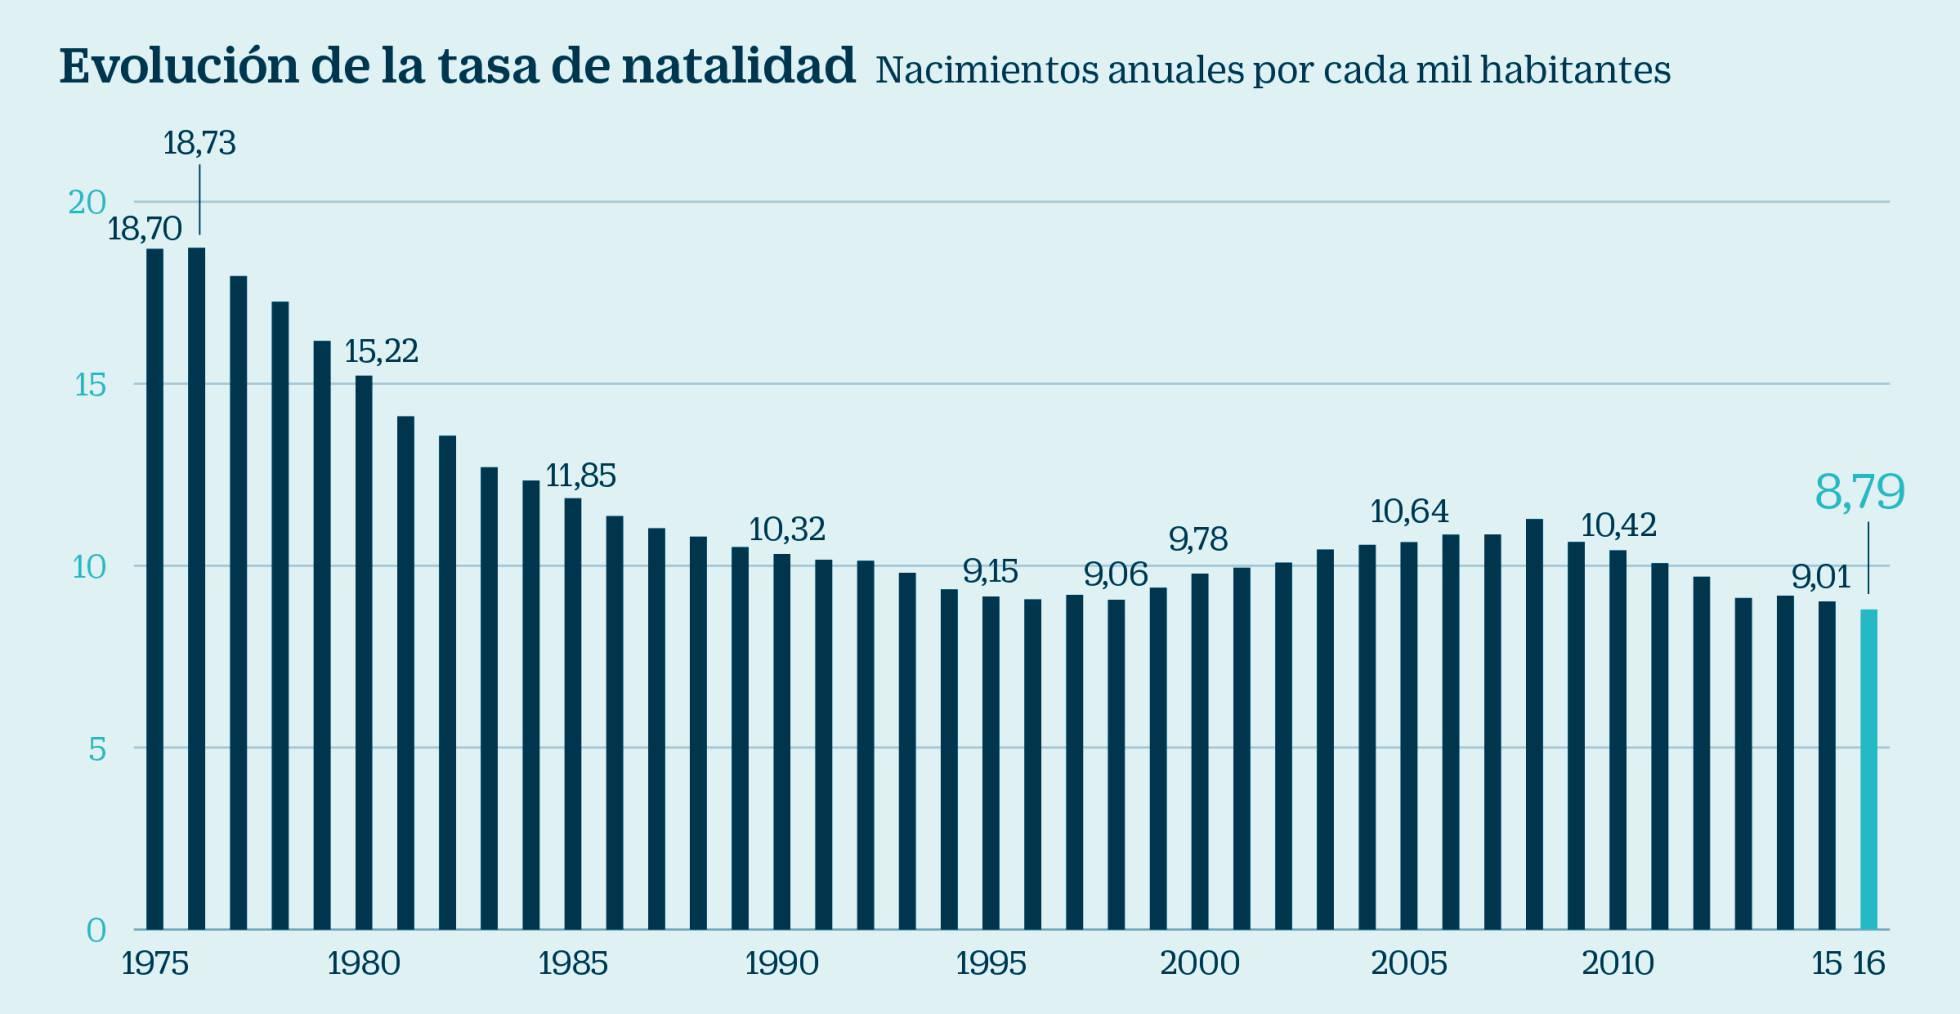 Demografía. España: fecundidad, nupcialidad, natalidad, esperanza media de vida.  - Página 2 1513620244_600299_1513629044_sumario_normal_recorte1